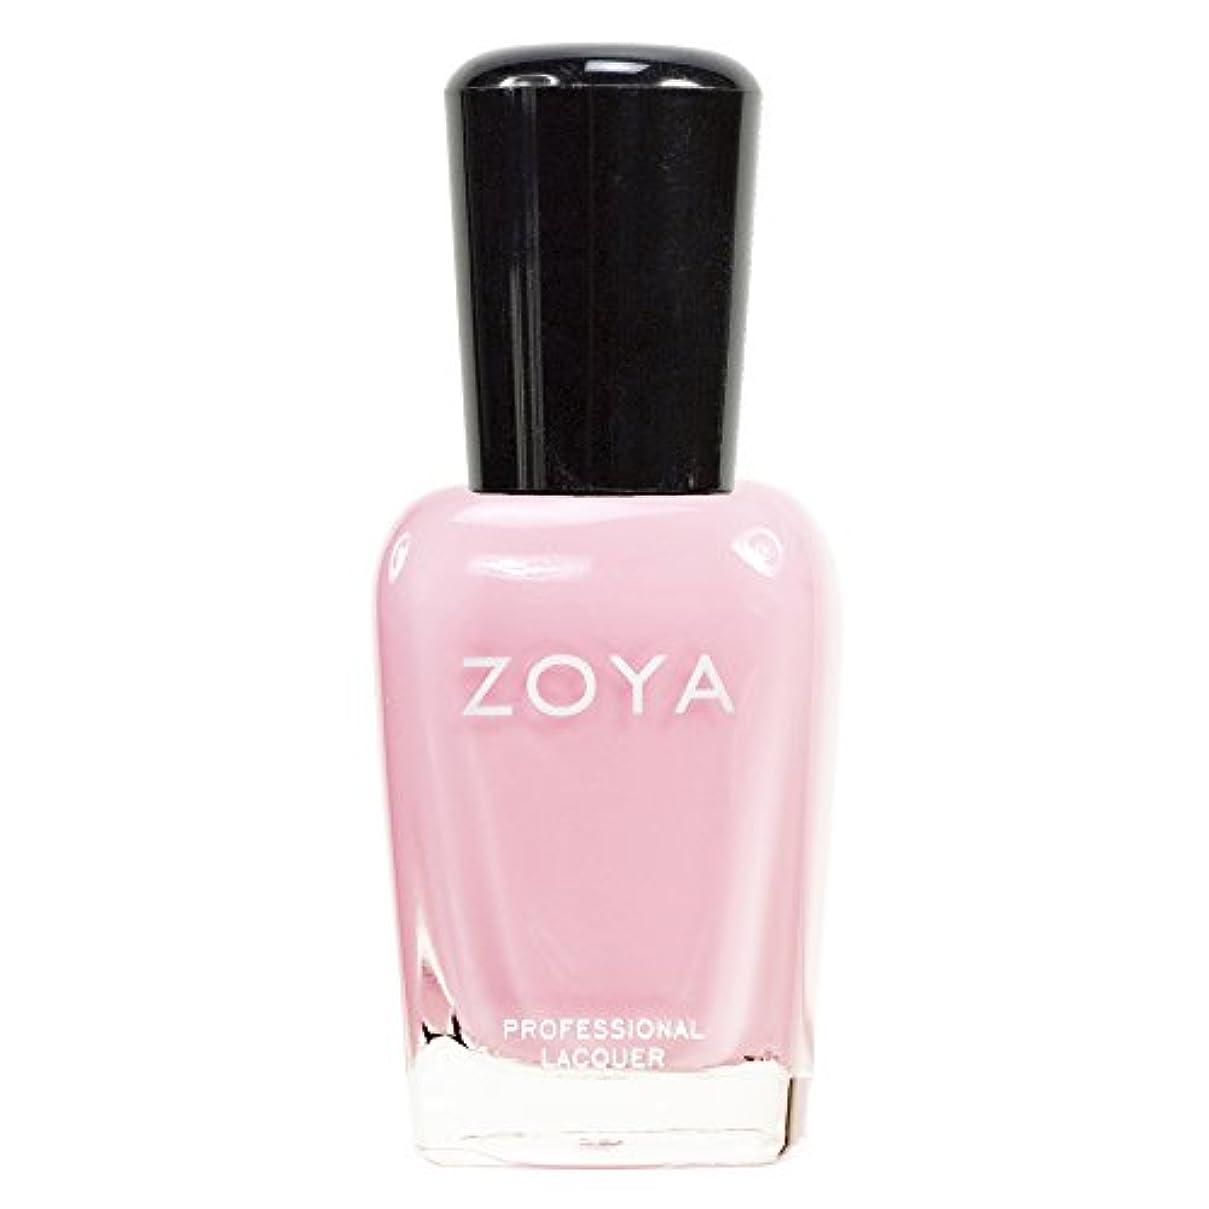 アドバンテージジョブ革命ZOYA ゾーヤ ネイルカラーZP315 BELA ベラ 15ml 淡く優しいクリーミーなピンク マット 爪にやさしいネイルラッカーマニキュア